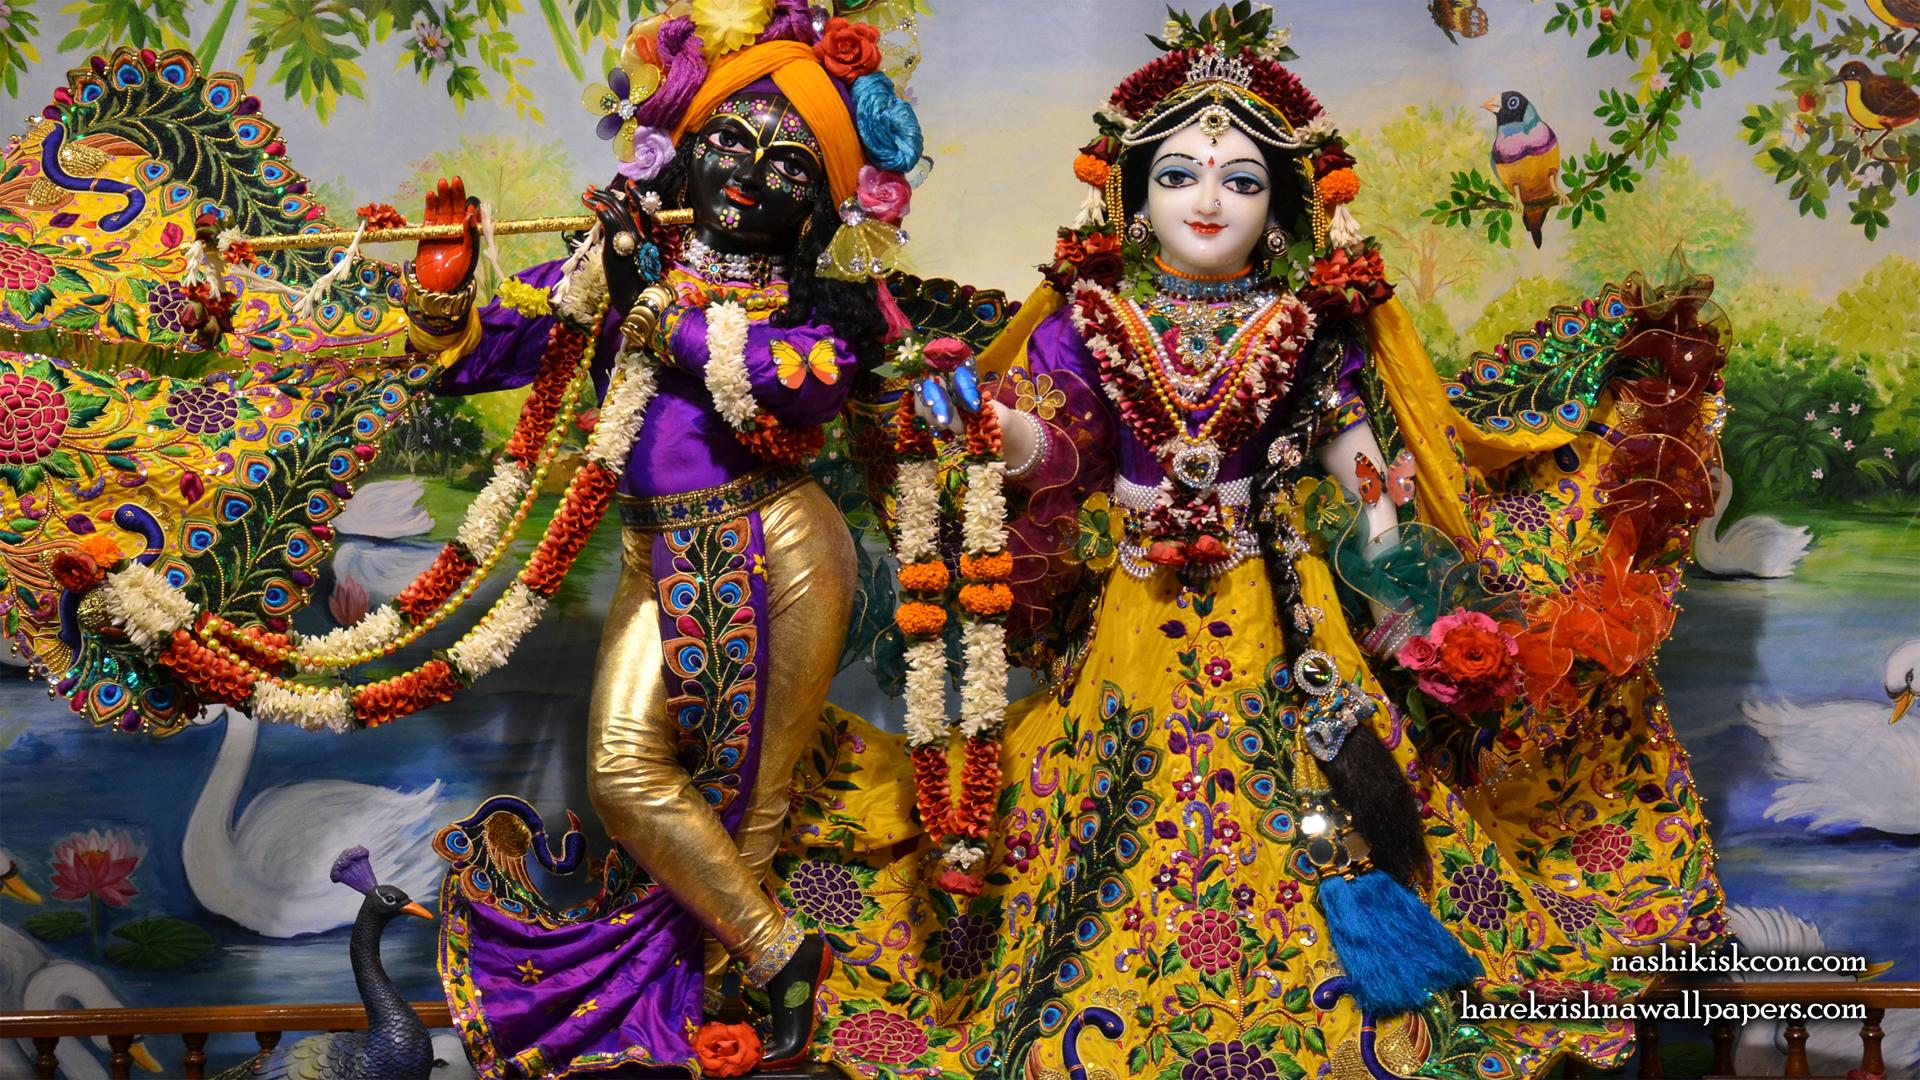 Sri Sri Radha Madan Gopal Wallpaper (002) Size 1920x1080 Download